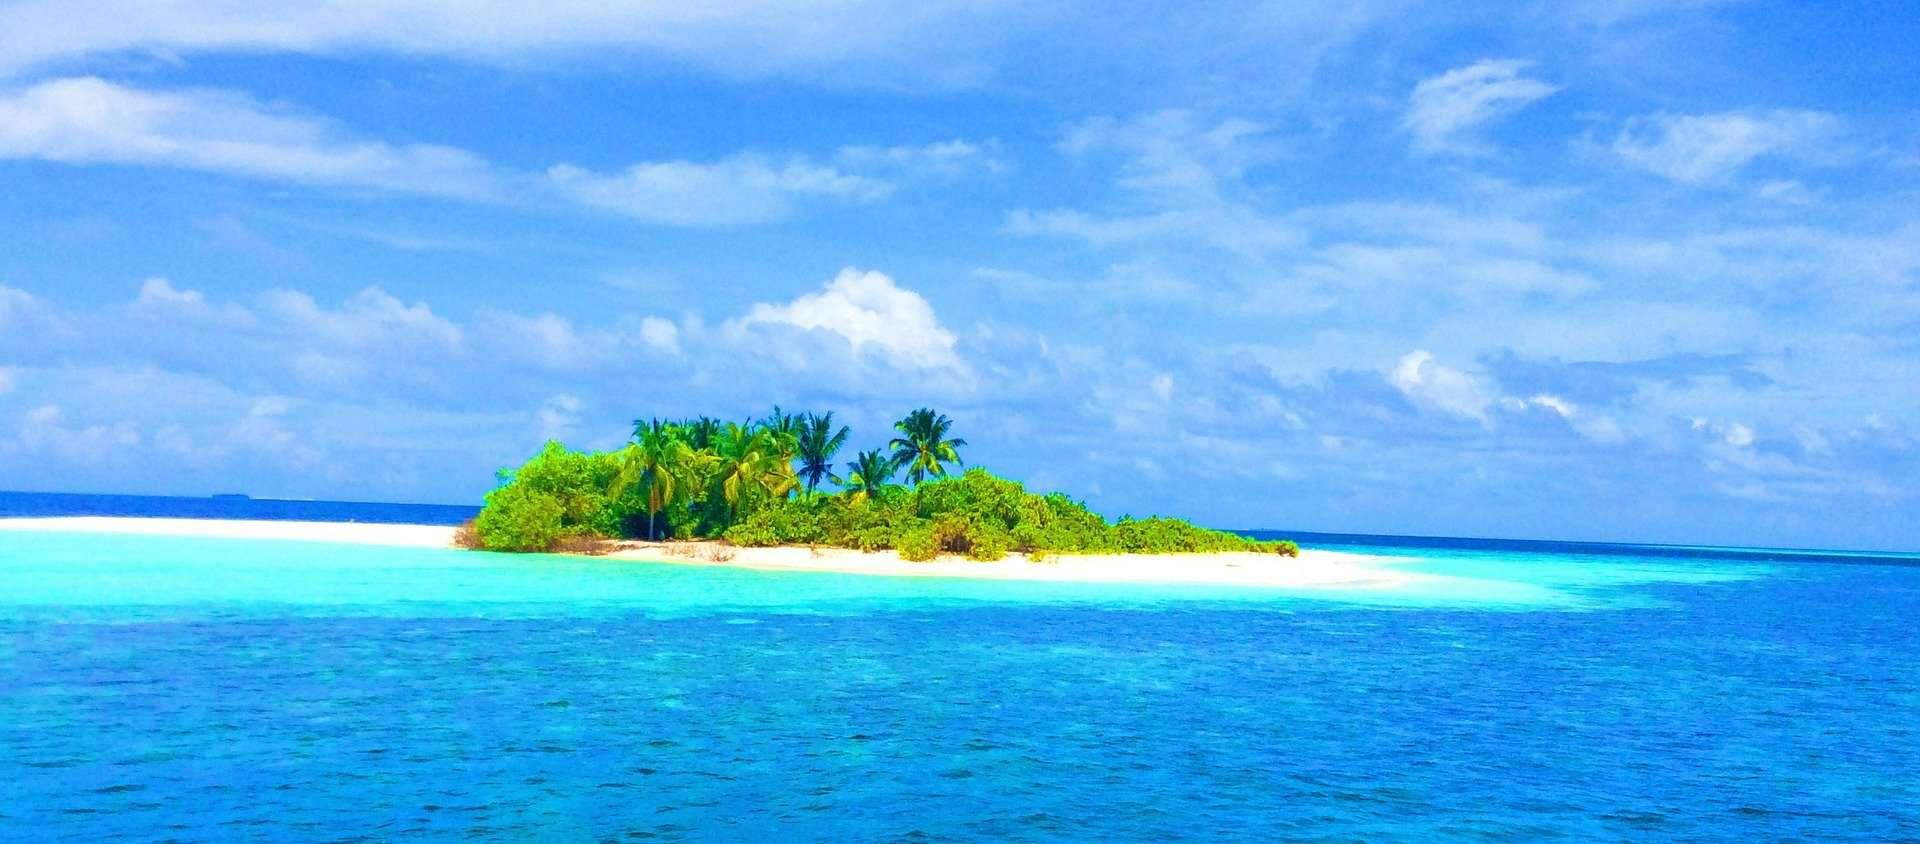 Malediven Flüge billig ab 149,99€ Direktflug nach Malé